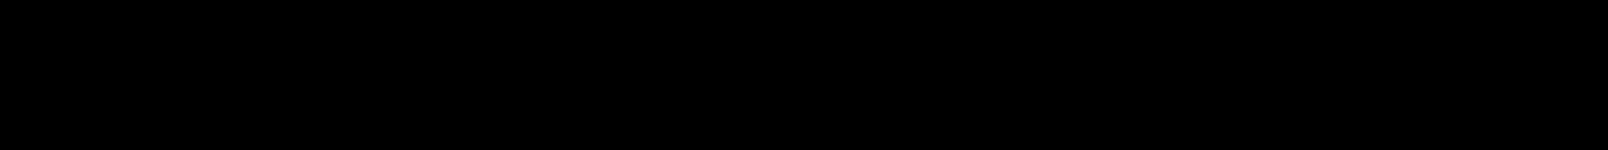 divisor 1